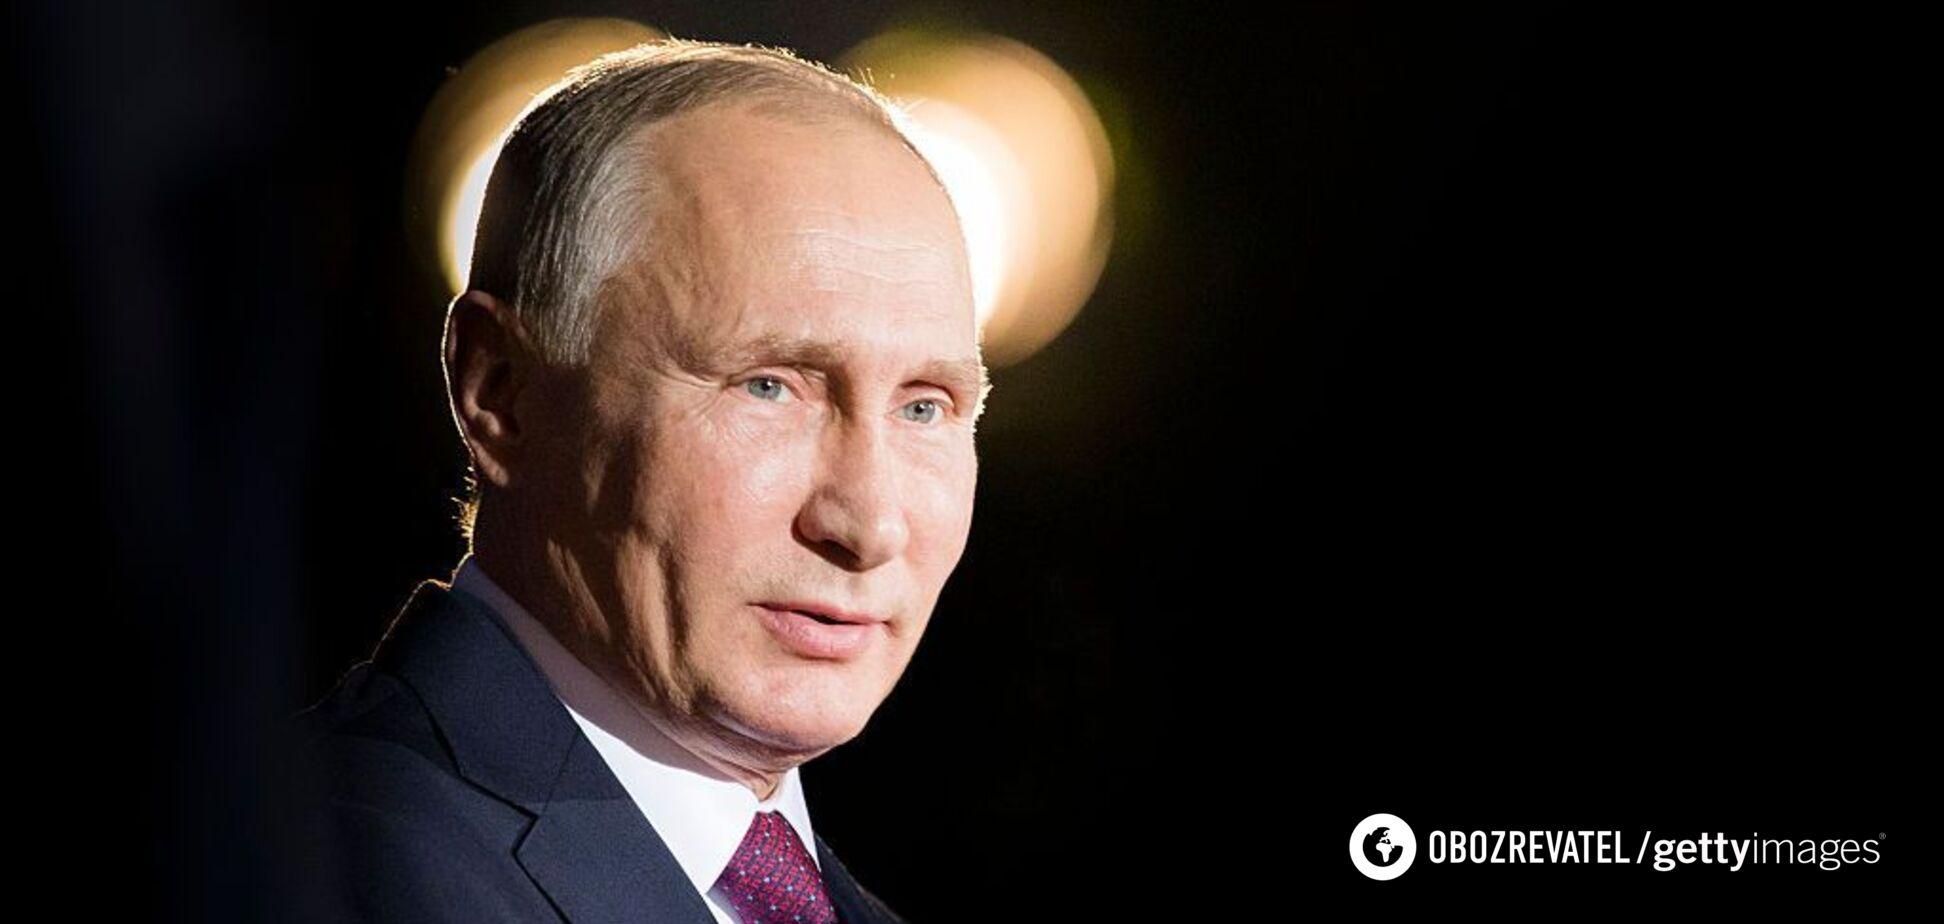 'Молдовський сценарій!' Україну попередили щодо удару Путіна на виборах у Раду